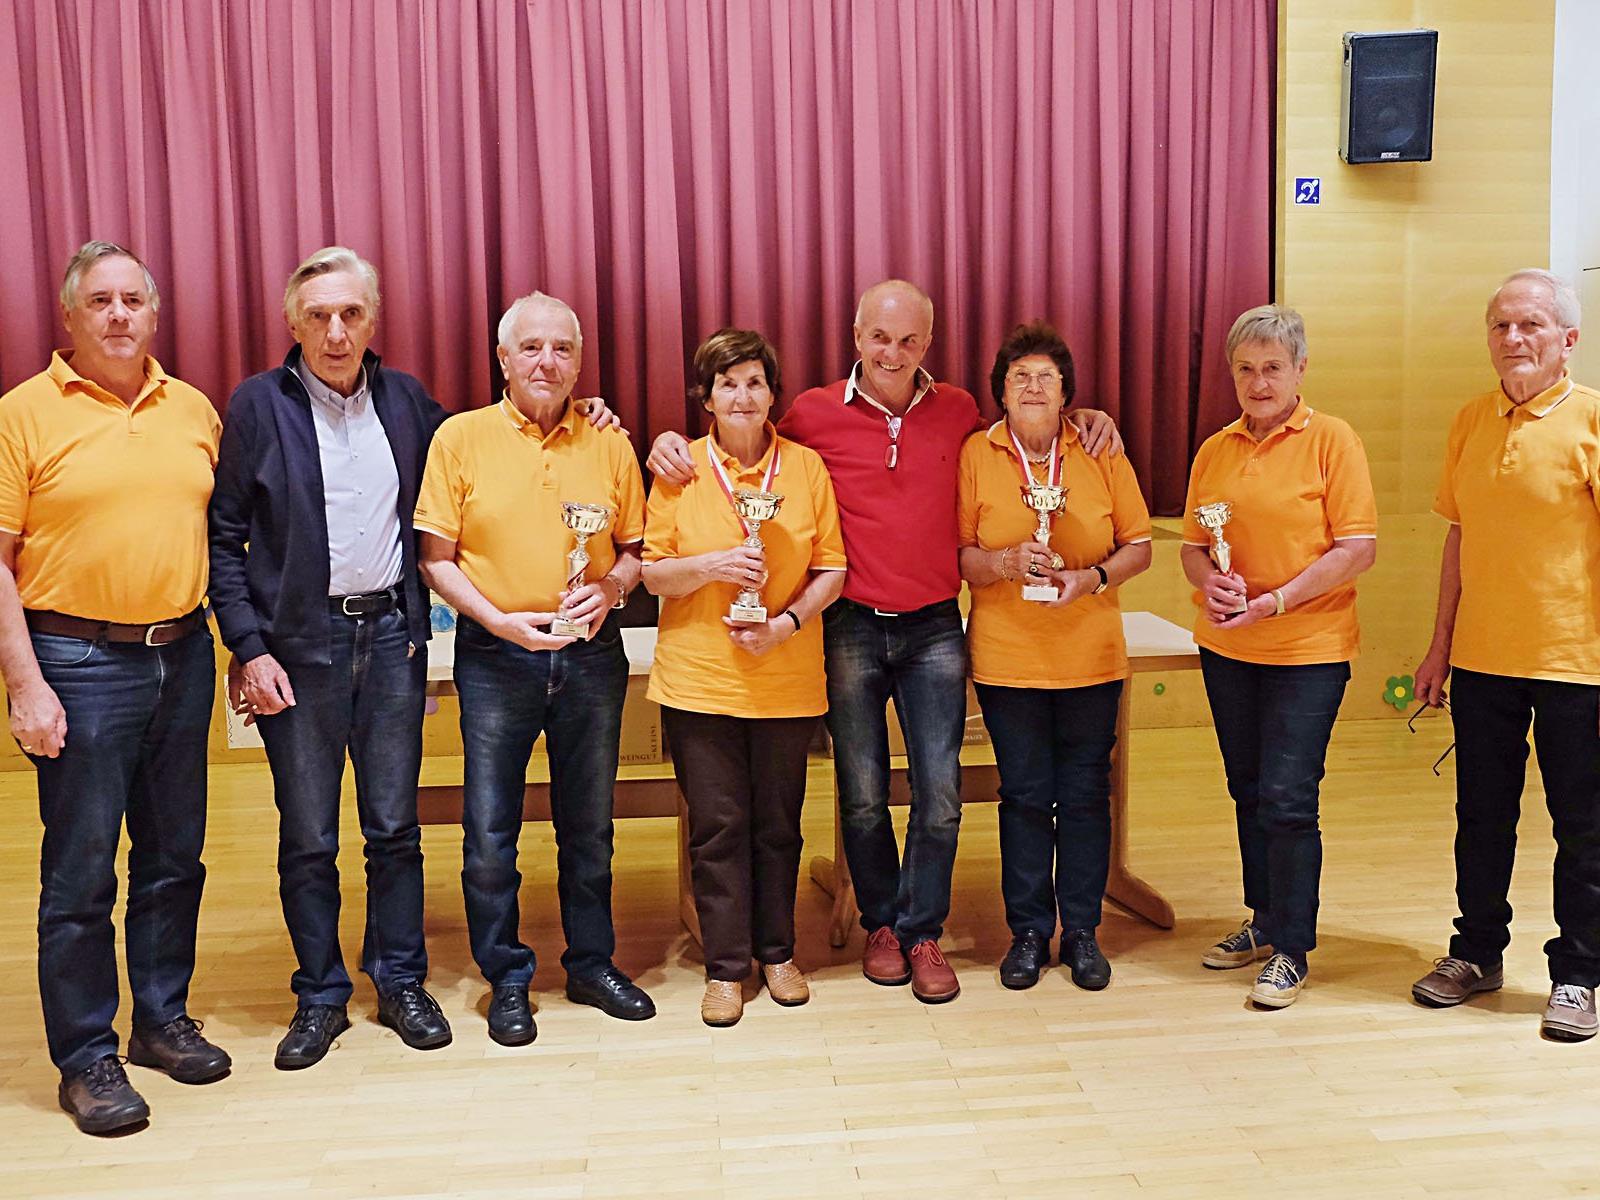 Die Sieger und die Organisatoren freuten sich über den erfolgreichen Verlauf der Meisterschaft